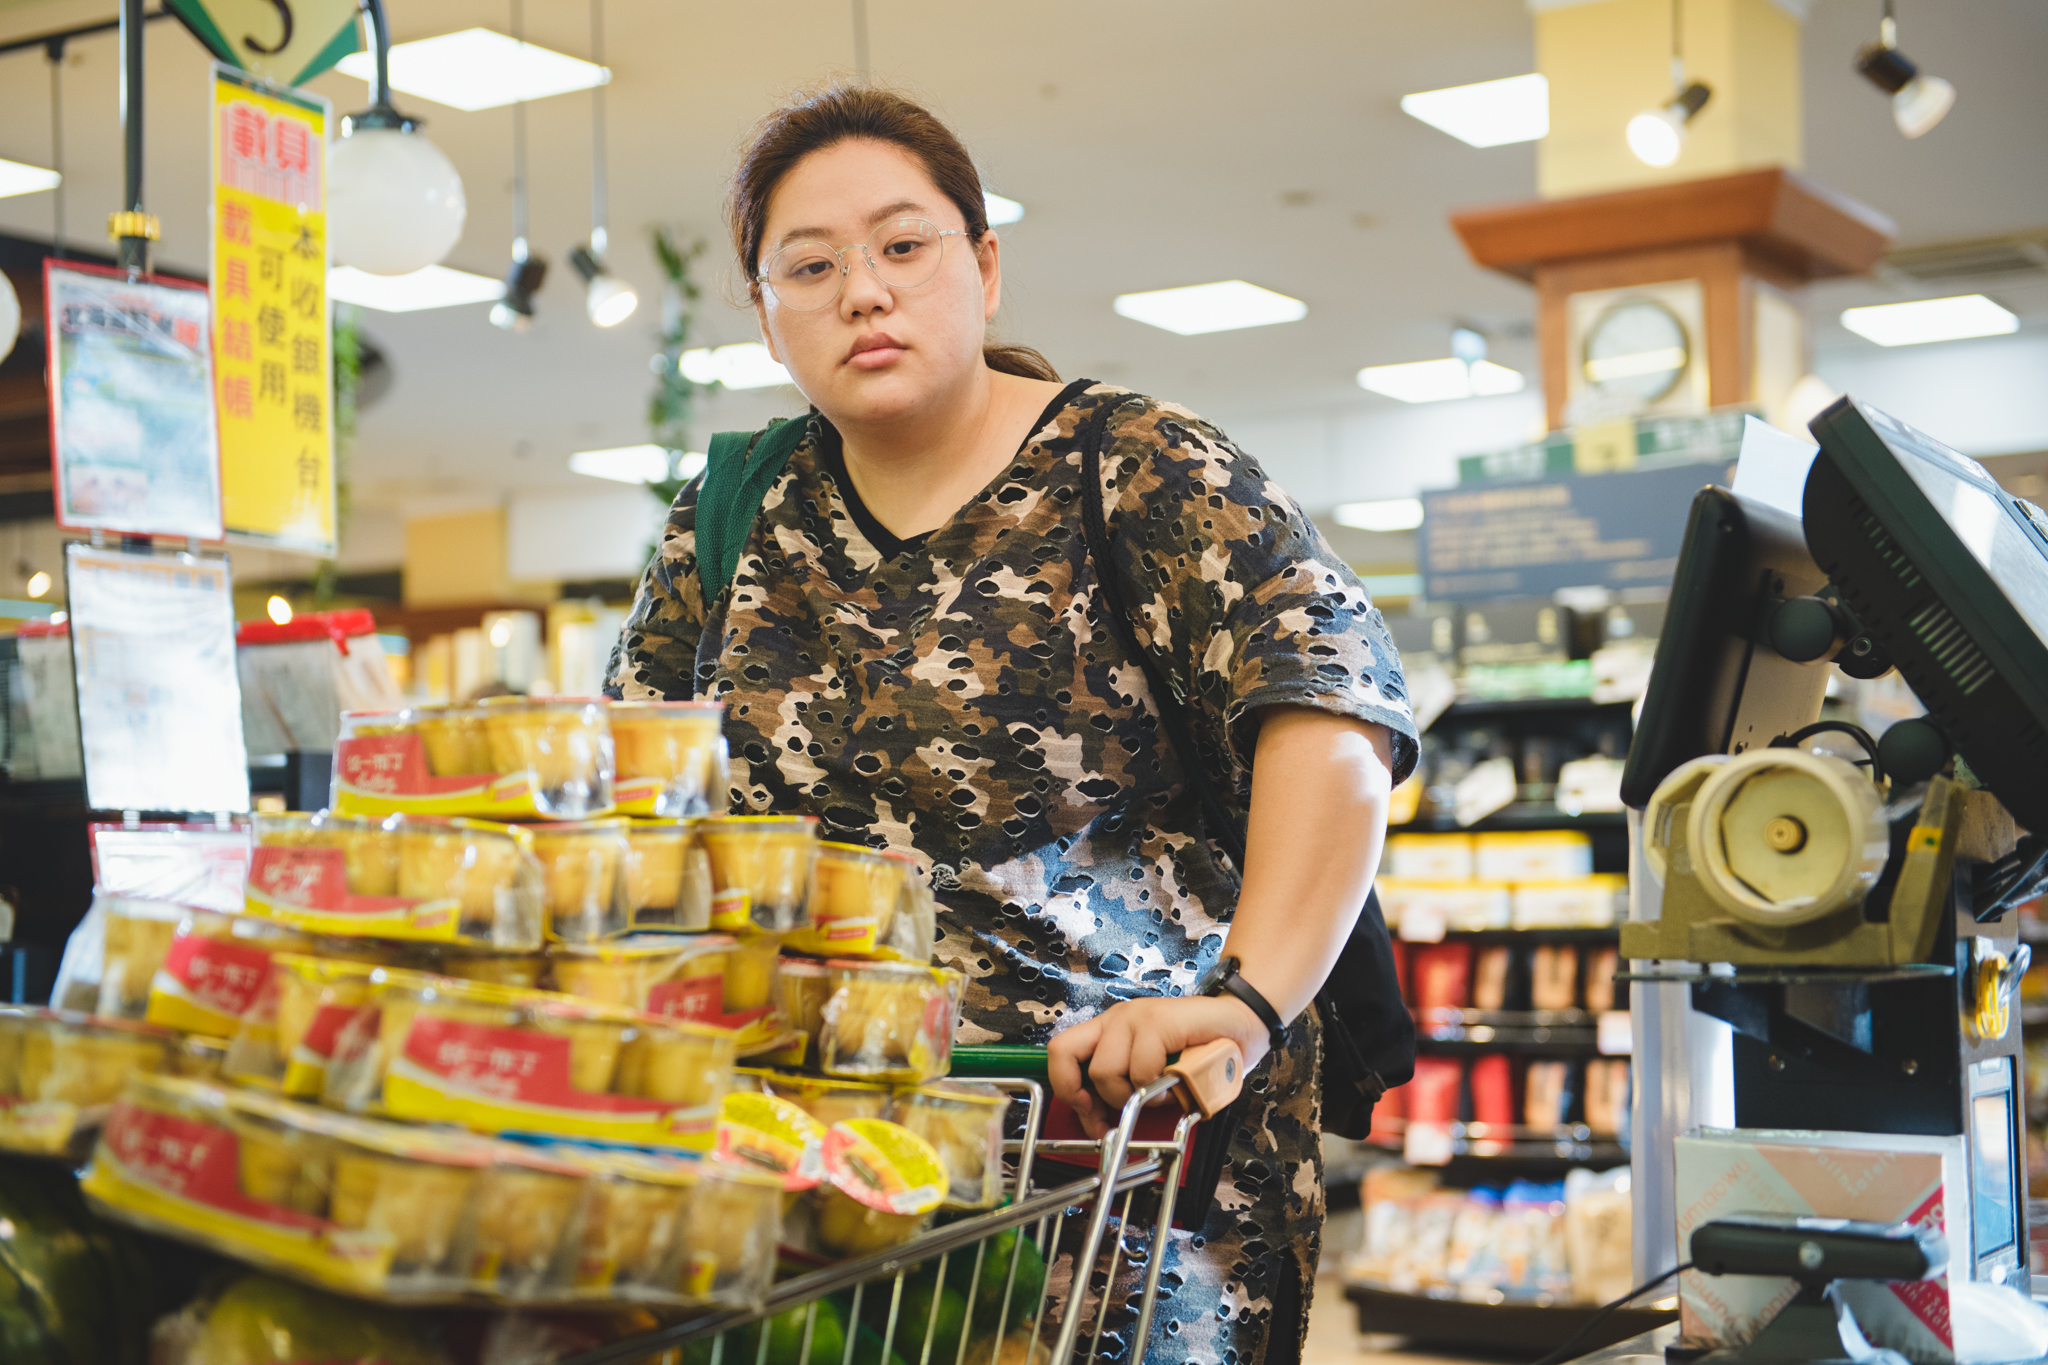 蔡嘉茵衝超市掃貨逗樂阿兜仔《大餓》榮膺雙年展開幕片